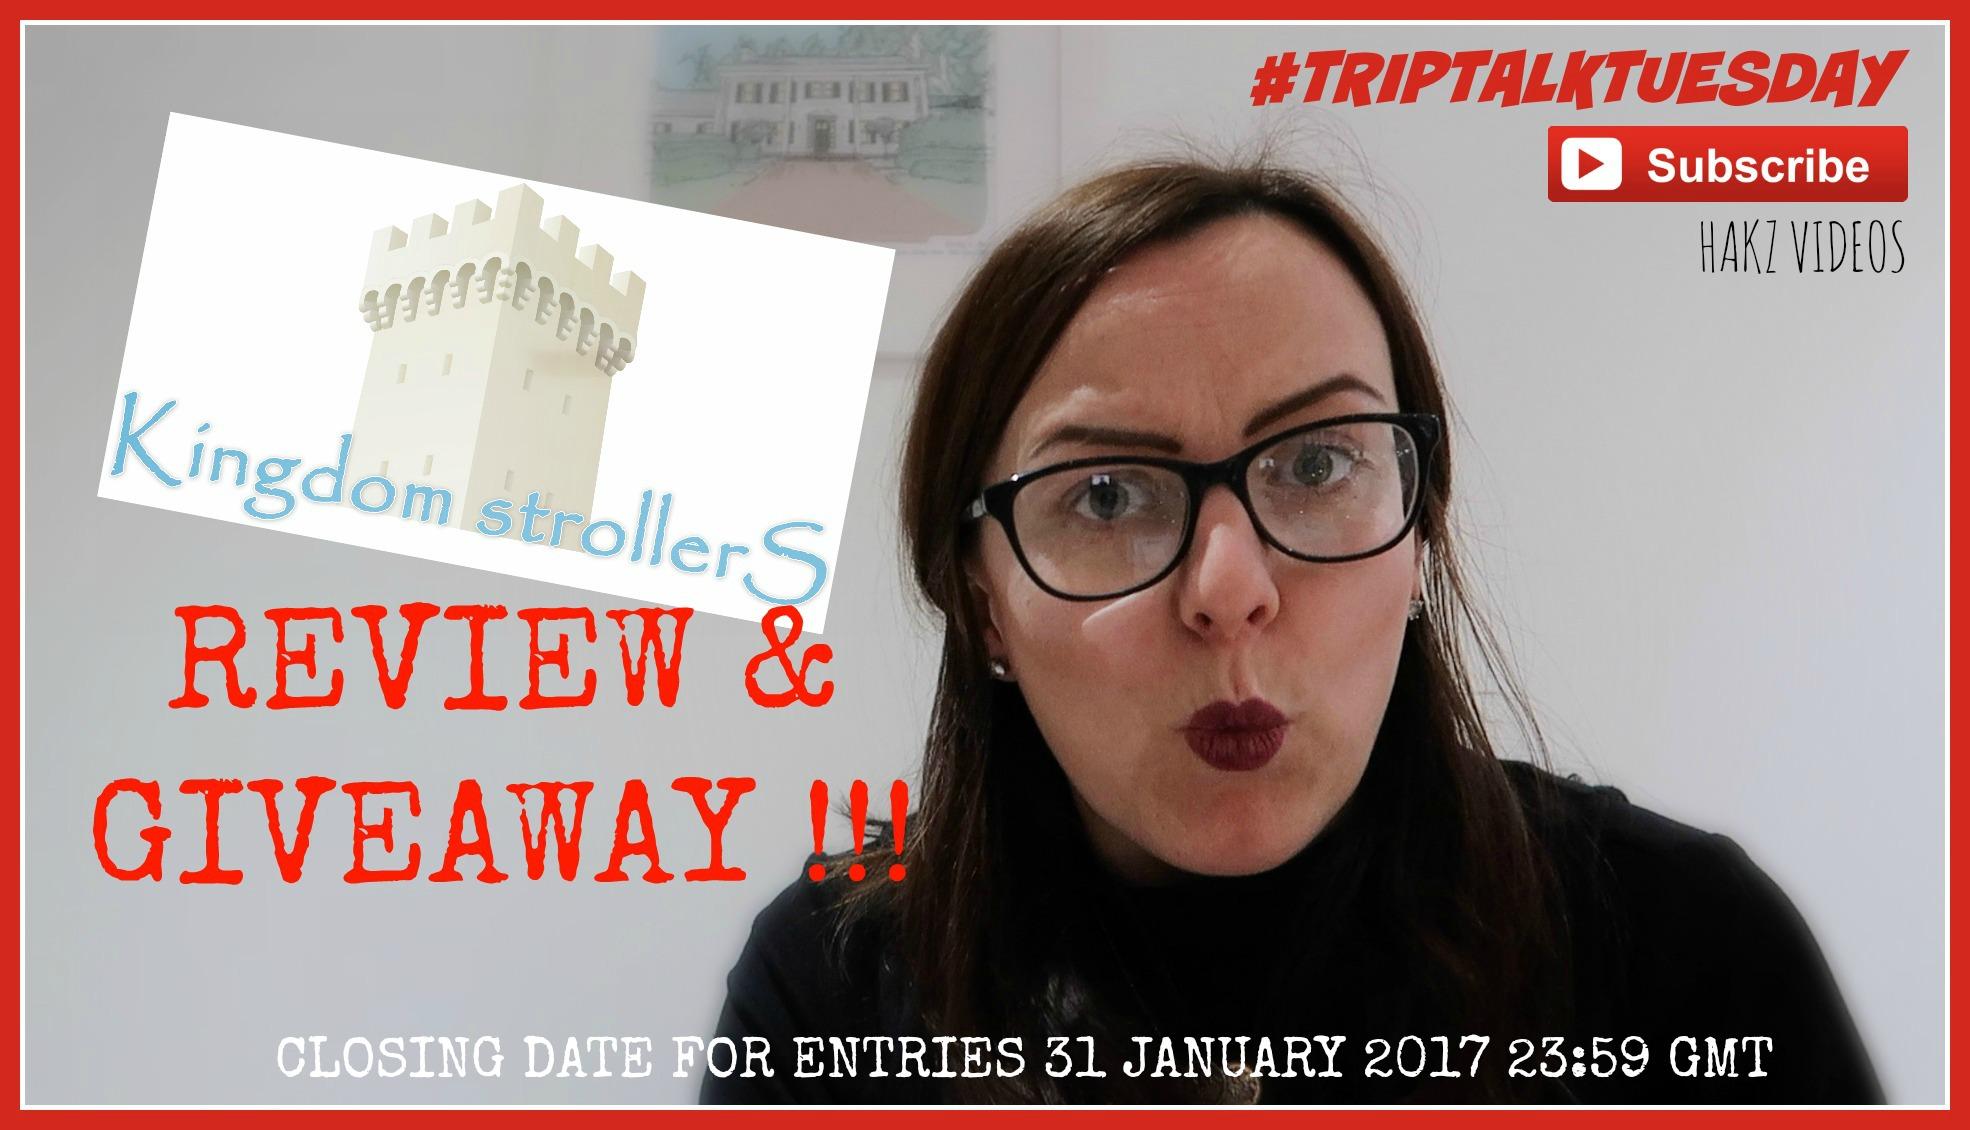 trip-talk-tuesday-jan-tn-1-2-closing-date